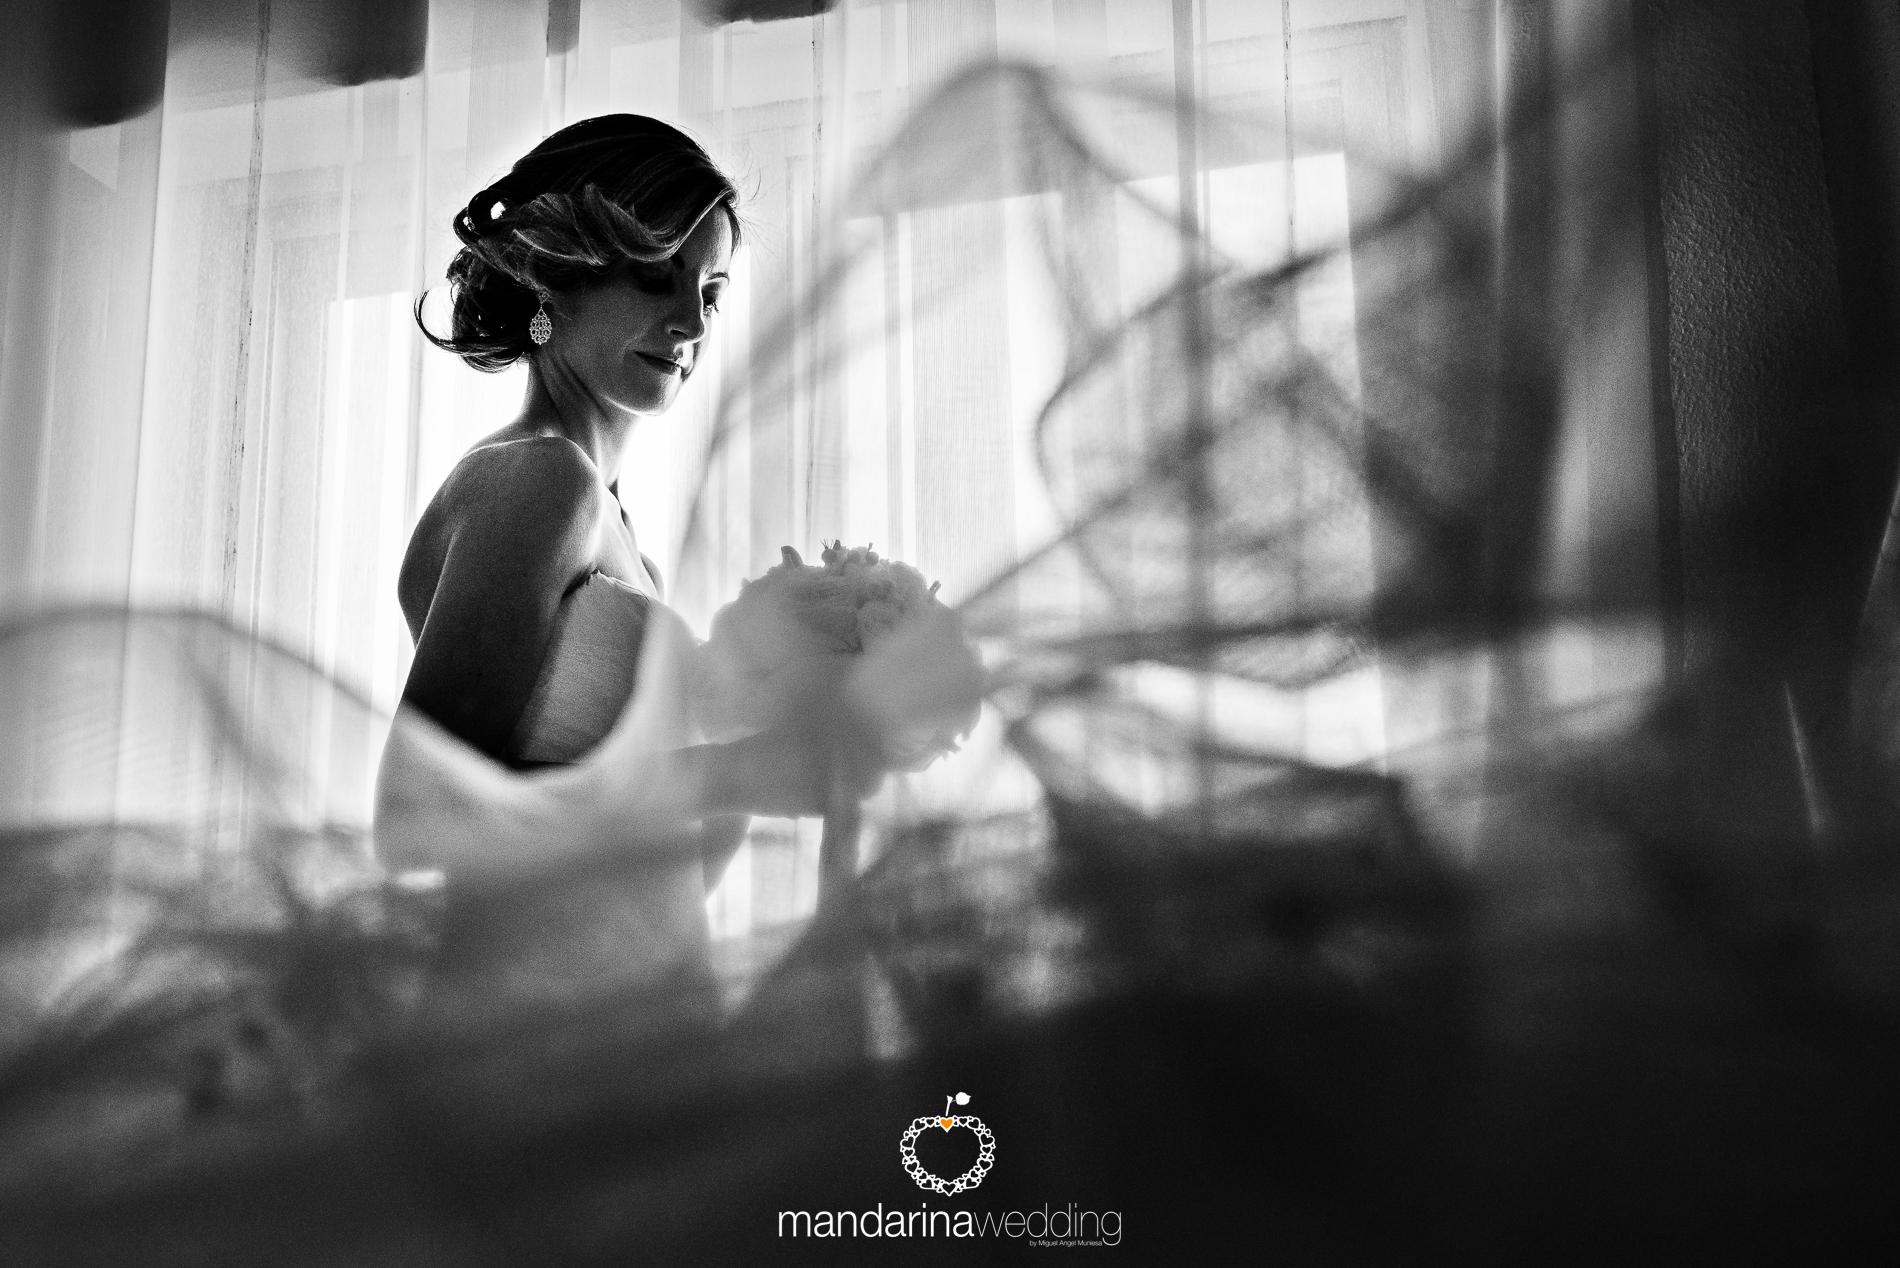 mandarina wedding_17